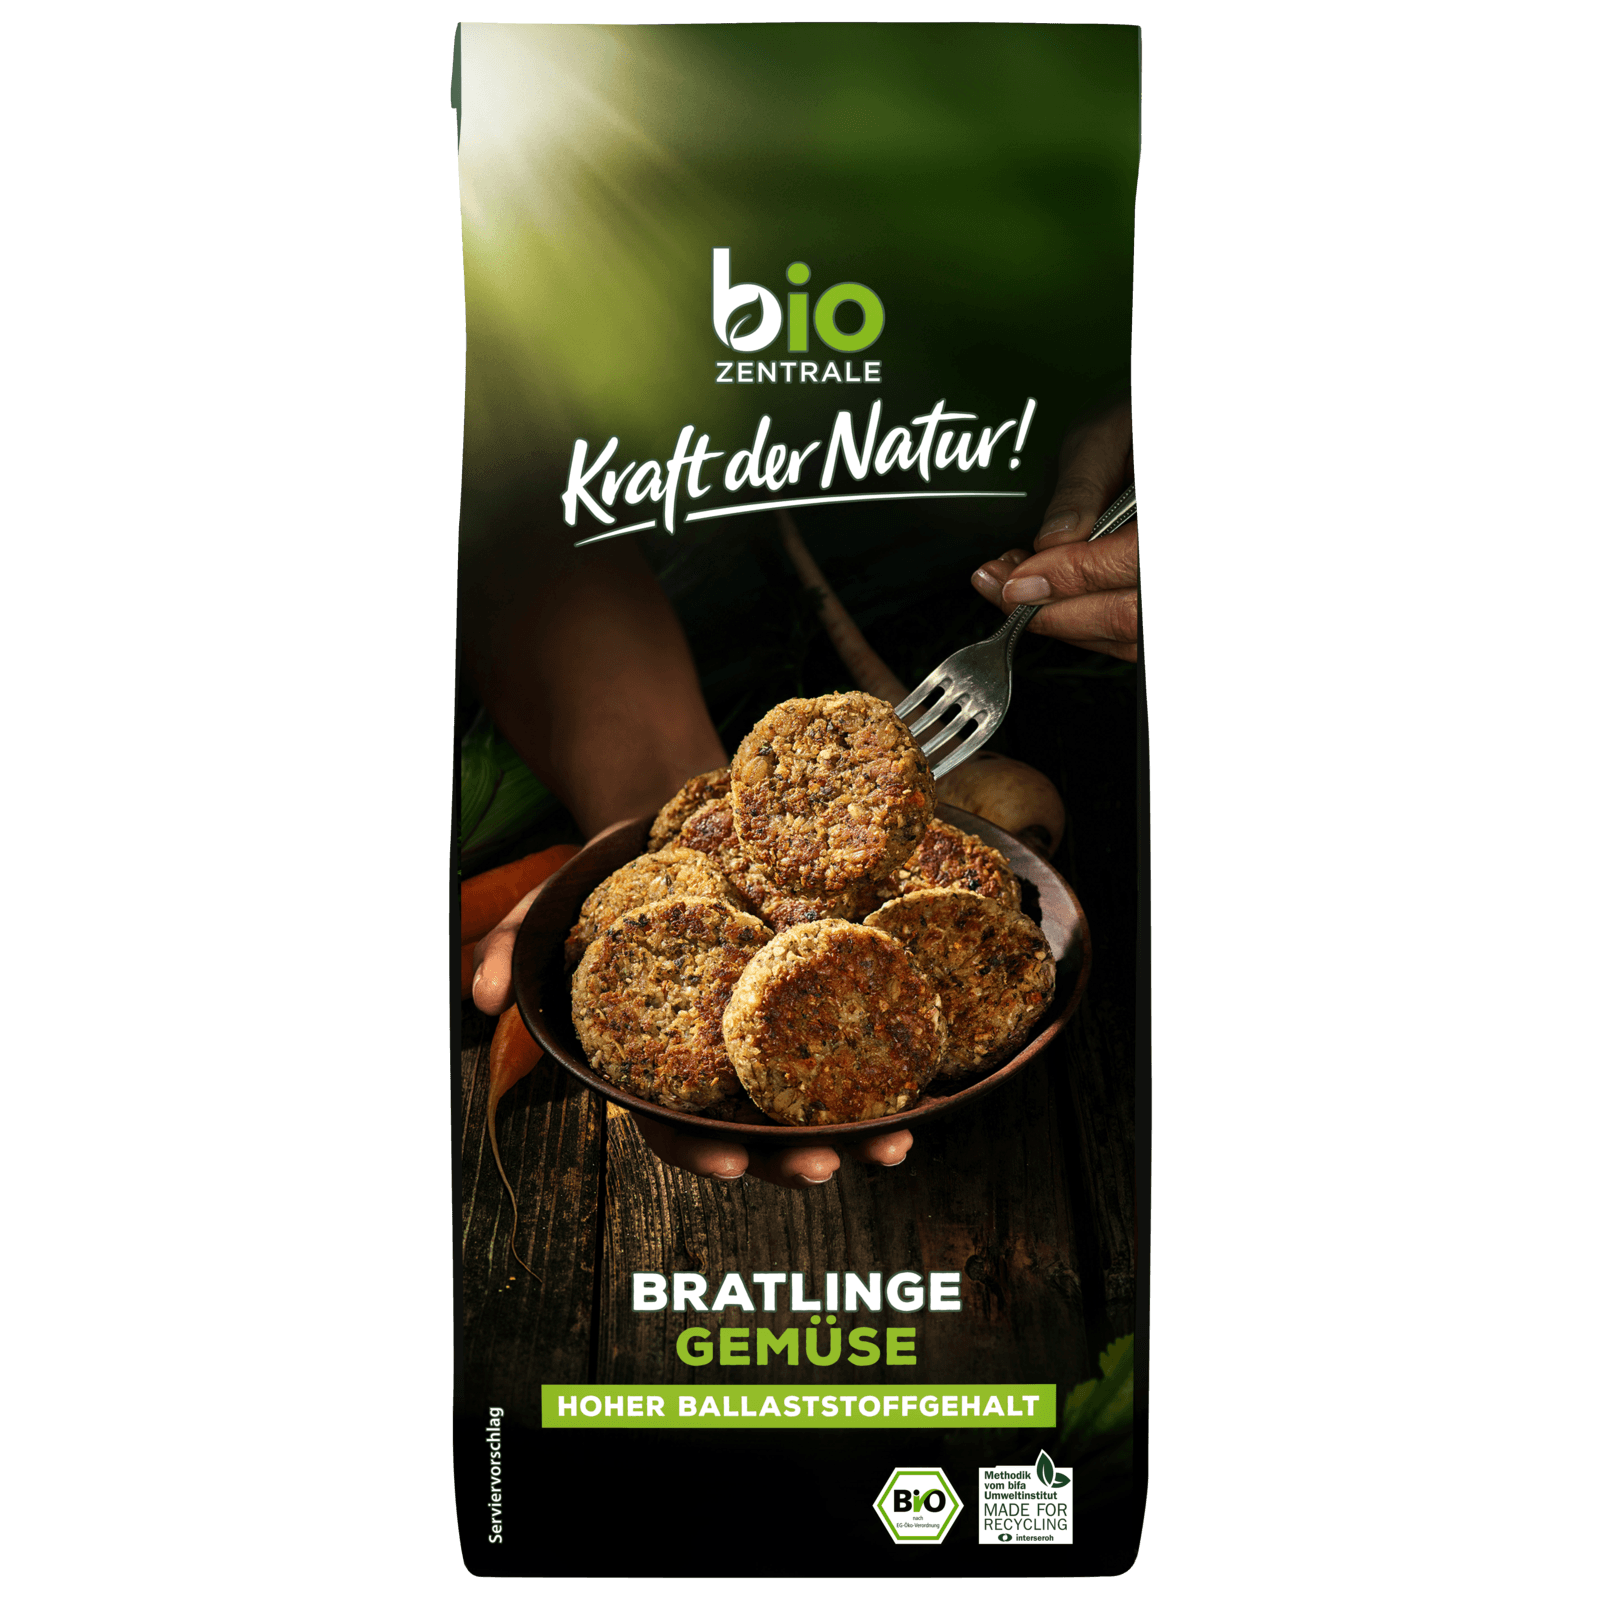 Bio Zentrale Bratlinge Gemüse 300g